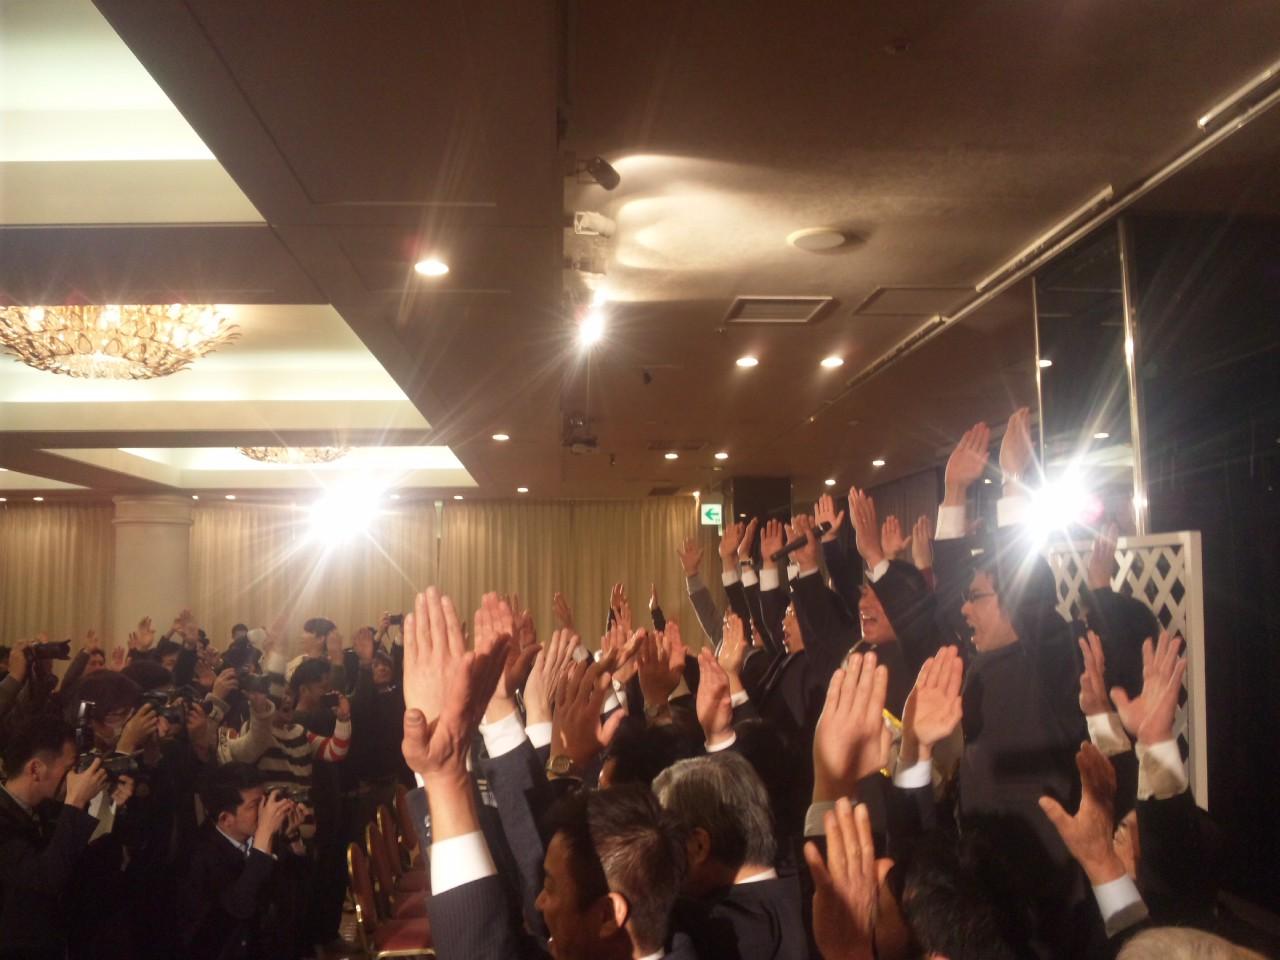 【岸和田市長選挙】ばんざ〜い!バンザ〜イ!万歳!